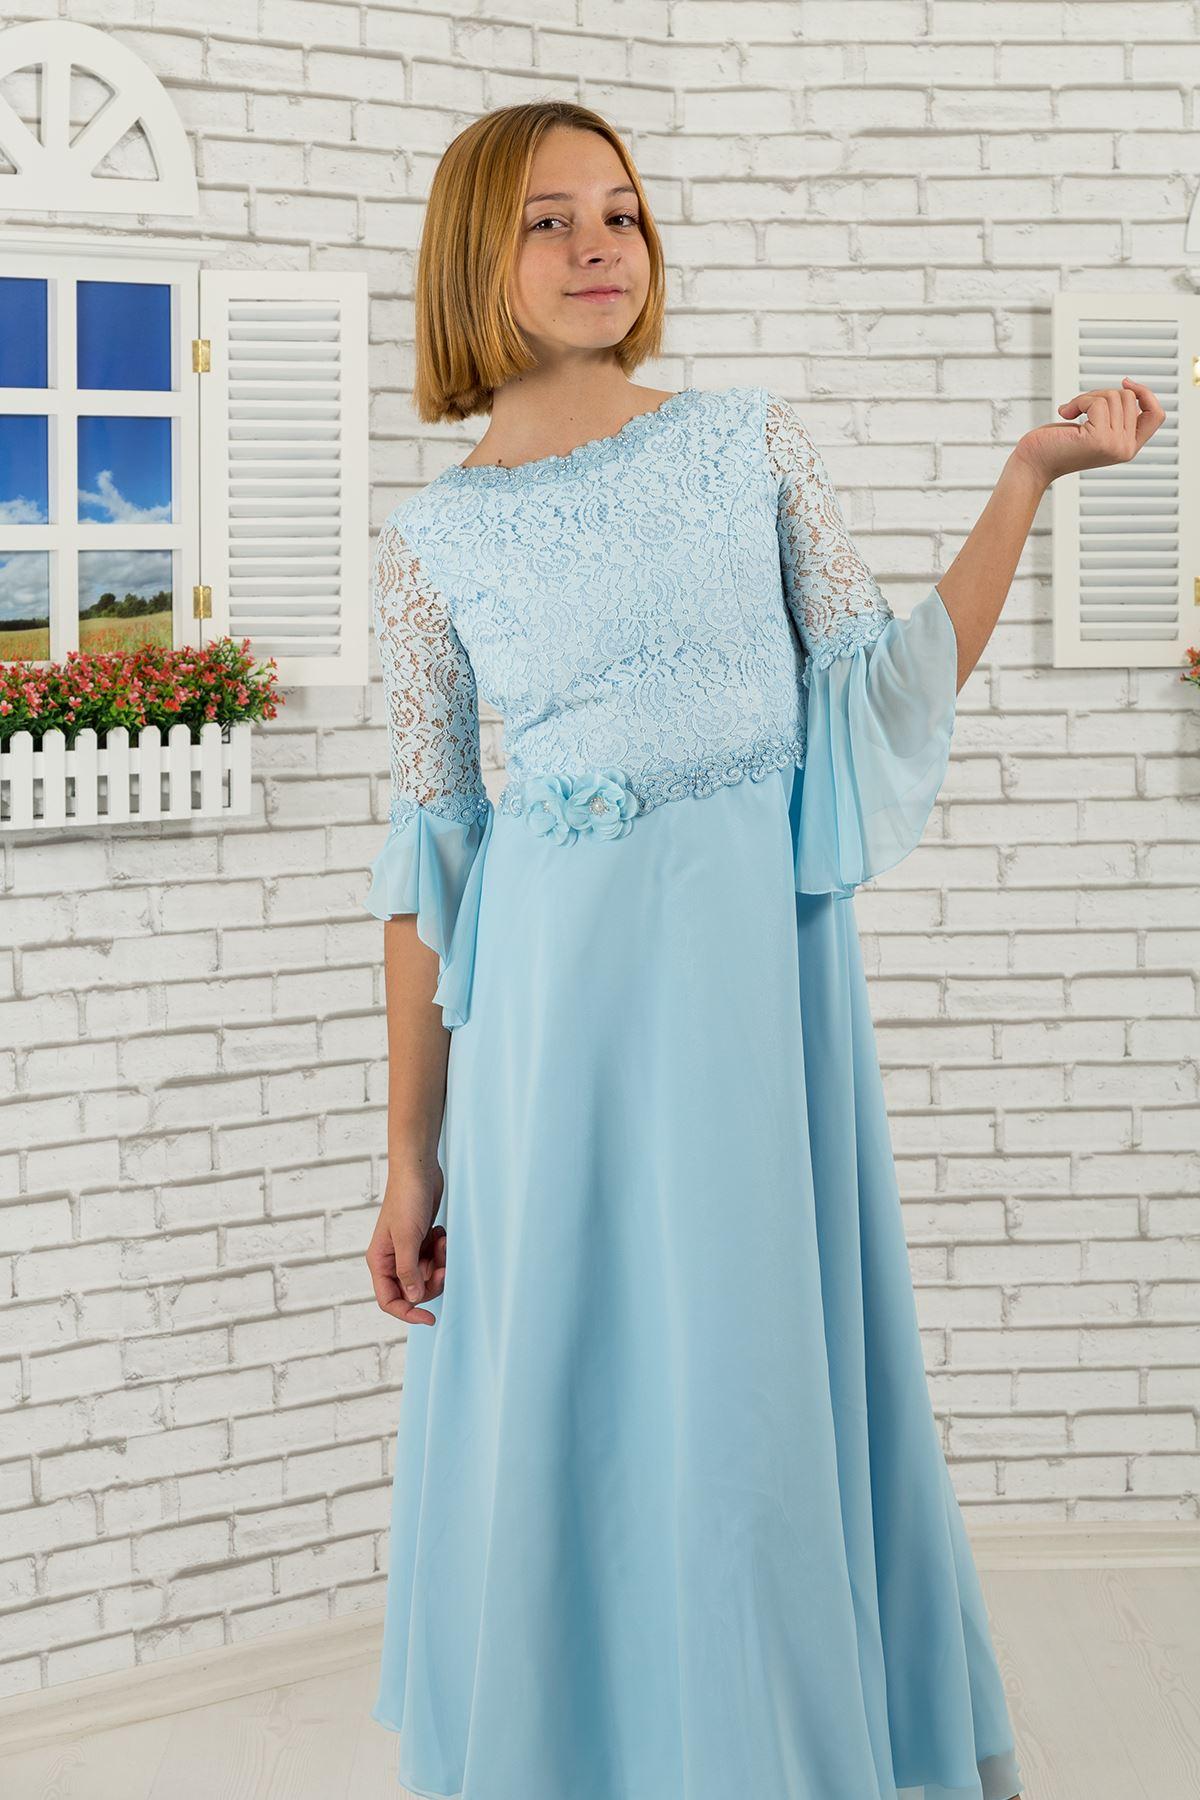 레이스 바디와 소매가있는 여아 이브닝 드레스, 허리에 플라워 디테일 463 베이비 블루